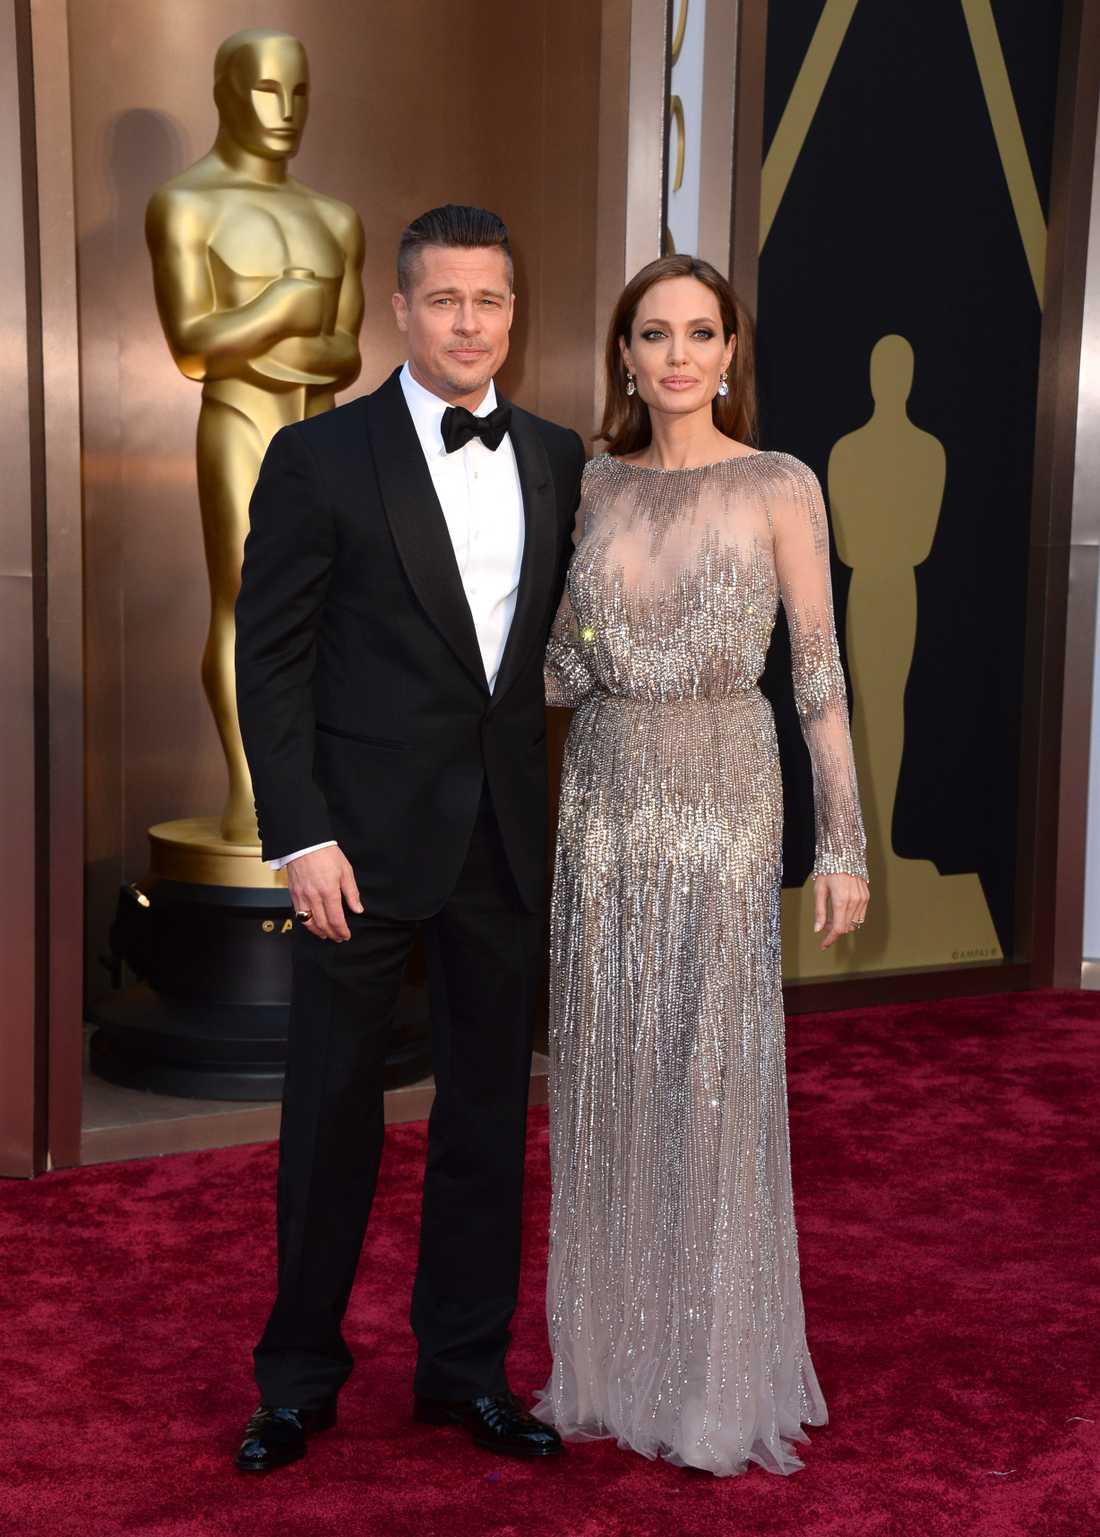 """++ Angelina Jolie och Brad Pitt: """"Även Jolie satsar på strass och metallic, den här från Elie Saab. Jag gillar modellen på klänningen men i vissa vinklar så verkar det som att hon är på väg mot ännu en kroppsdels-chock. Sist var det benet som fick ett eget twitter-konto, ska bysten bli detta årets snackis? Tyvärr inte så klädsamt."""""""